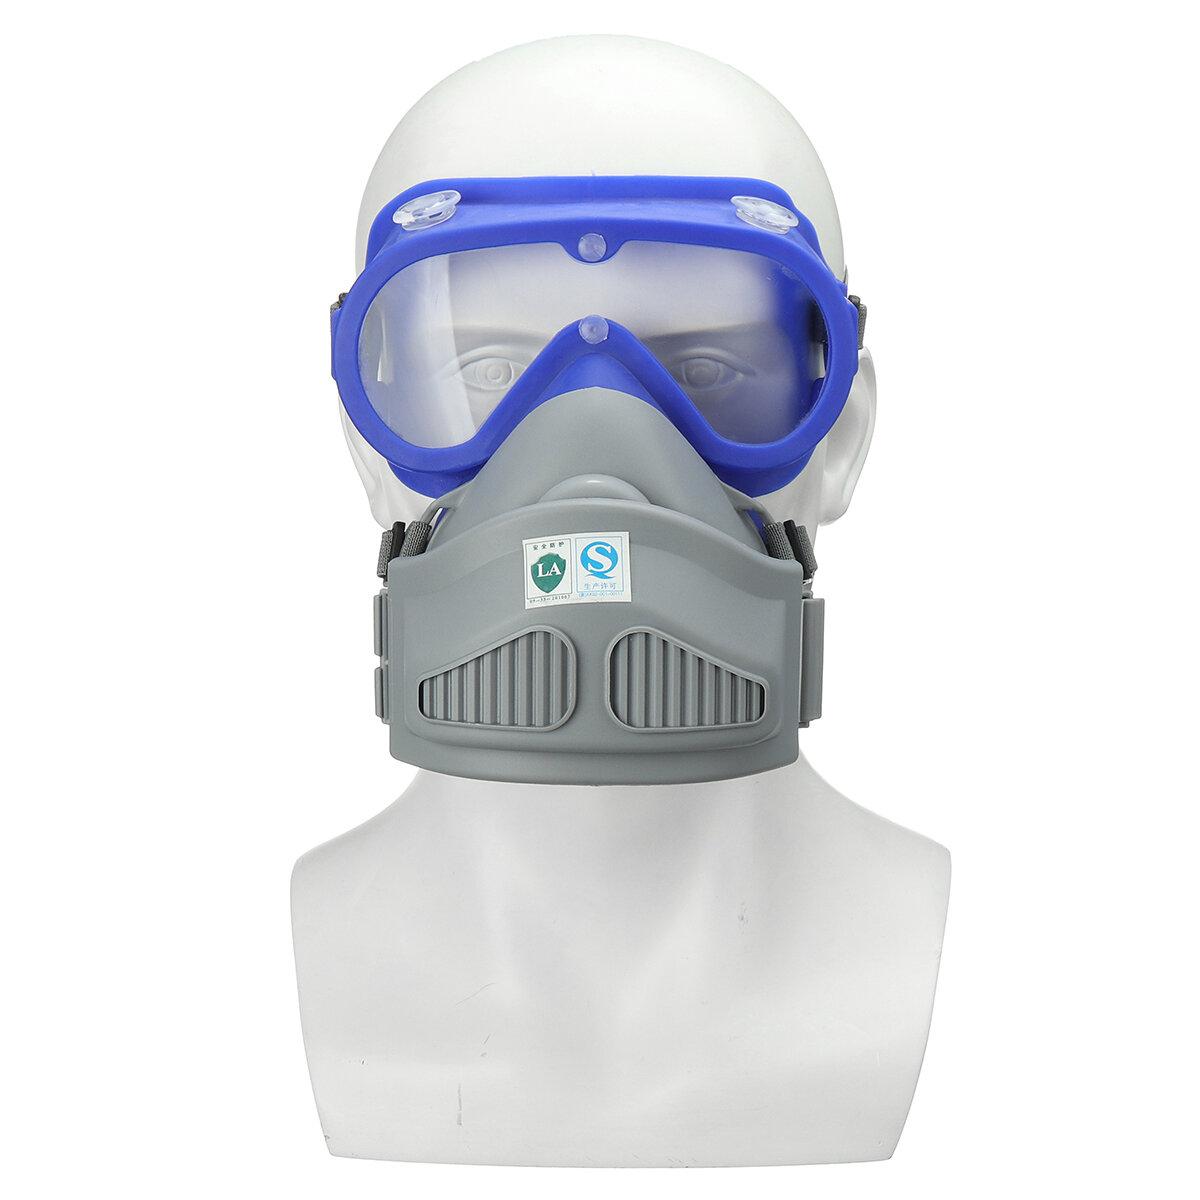 Filtro chimico di sicurezza con protezione antipolvere per occhiali Maschera per respiratore a pieno facciale